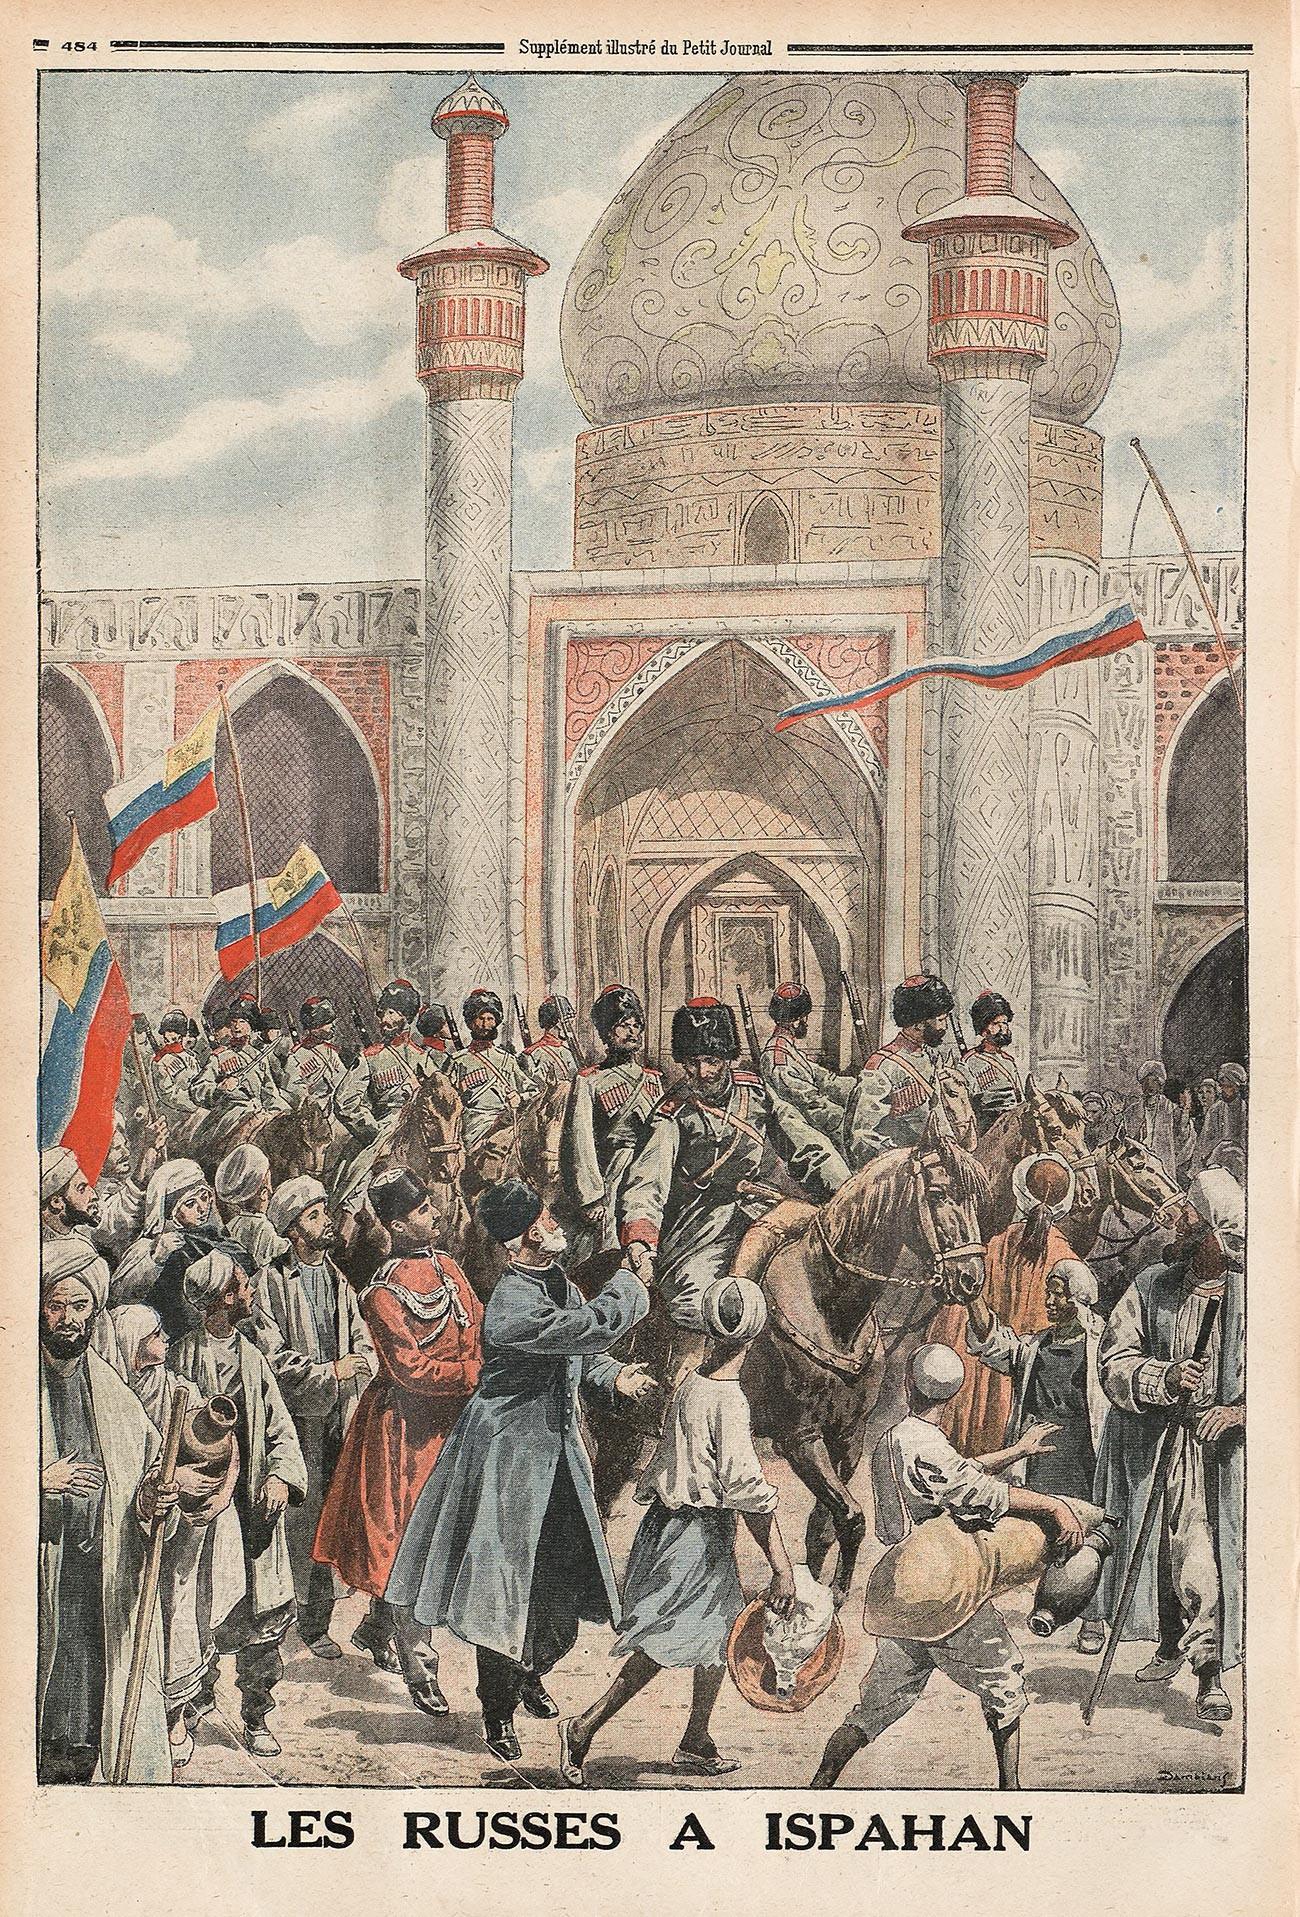 Les troupes russes à Ispahan